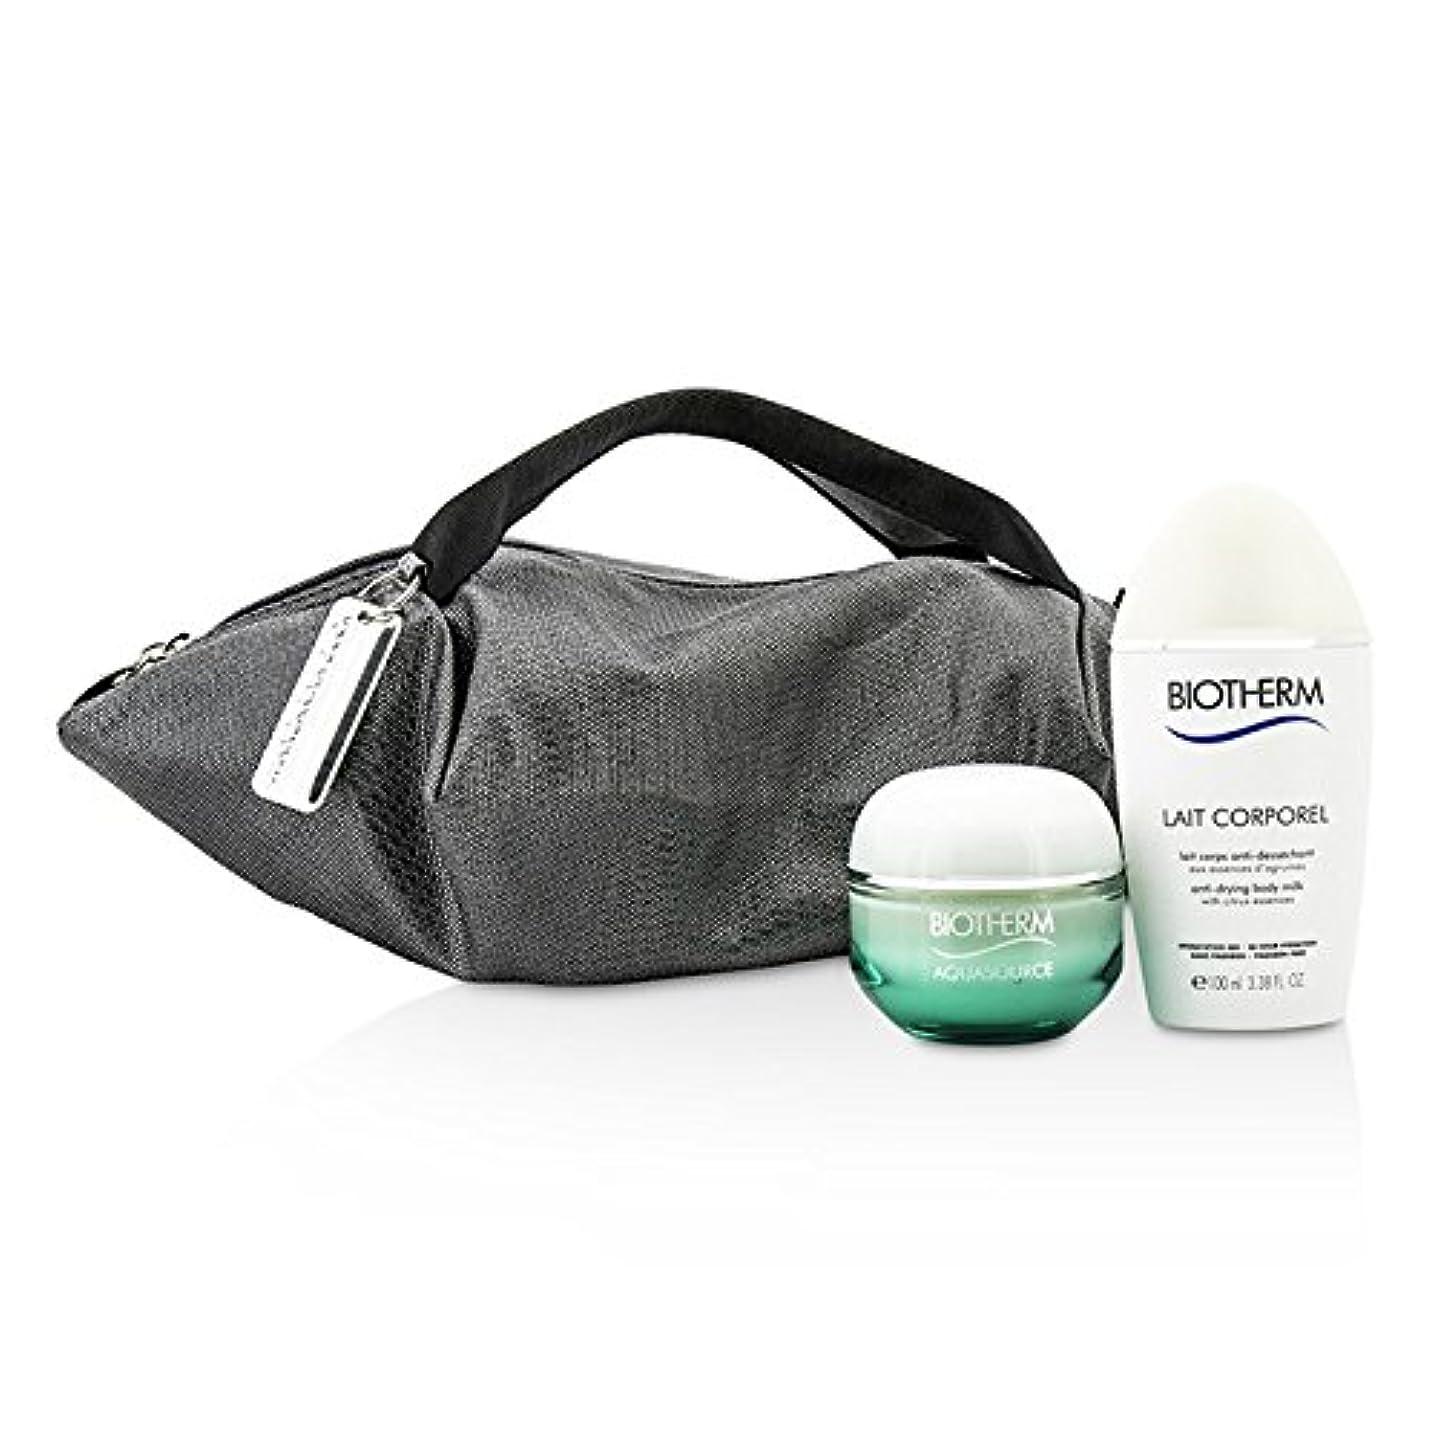 見分ける軌道本当のことを言うとビオテルム Aquasource & Body Care X Mandarina Duck Coffret: Cream N/C 50ml + Anti-Drying Body Care 100ml + Handle Bag...